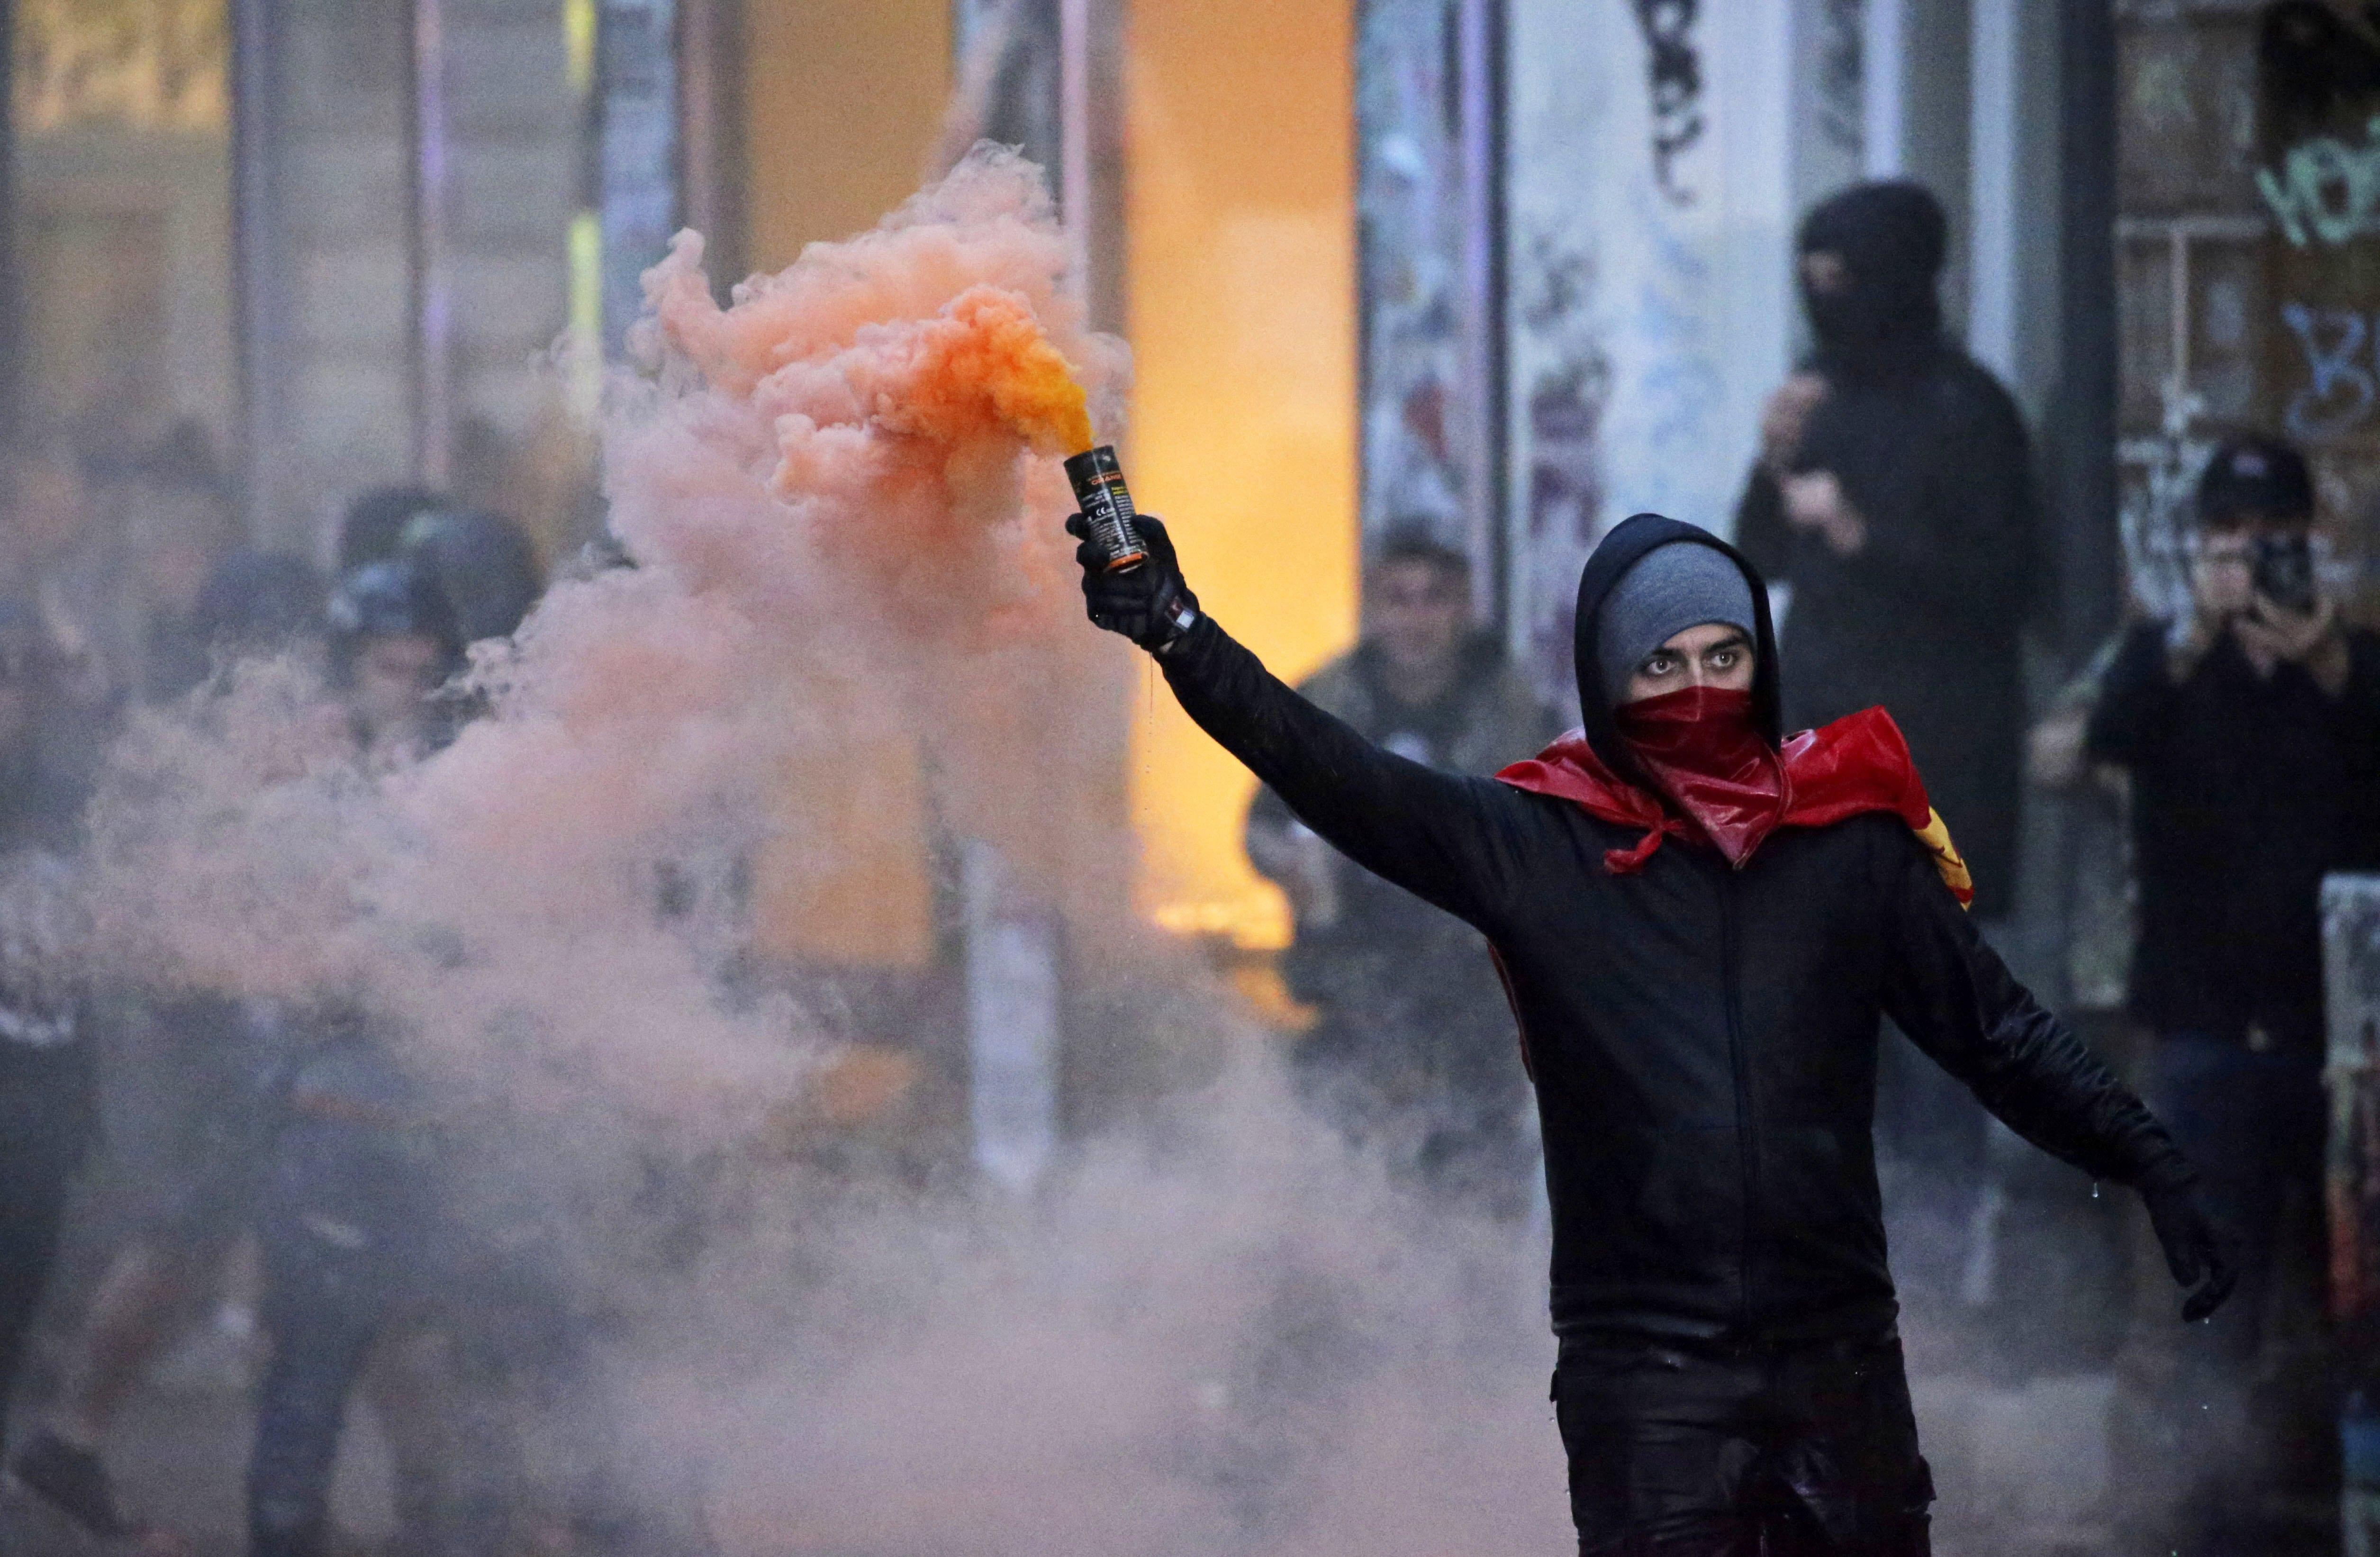 示威抗議者向警察丟擲煙霧彈。(Getty Images)